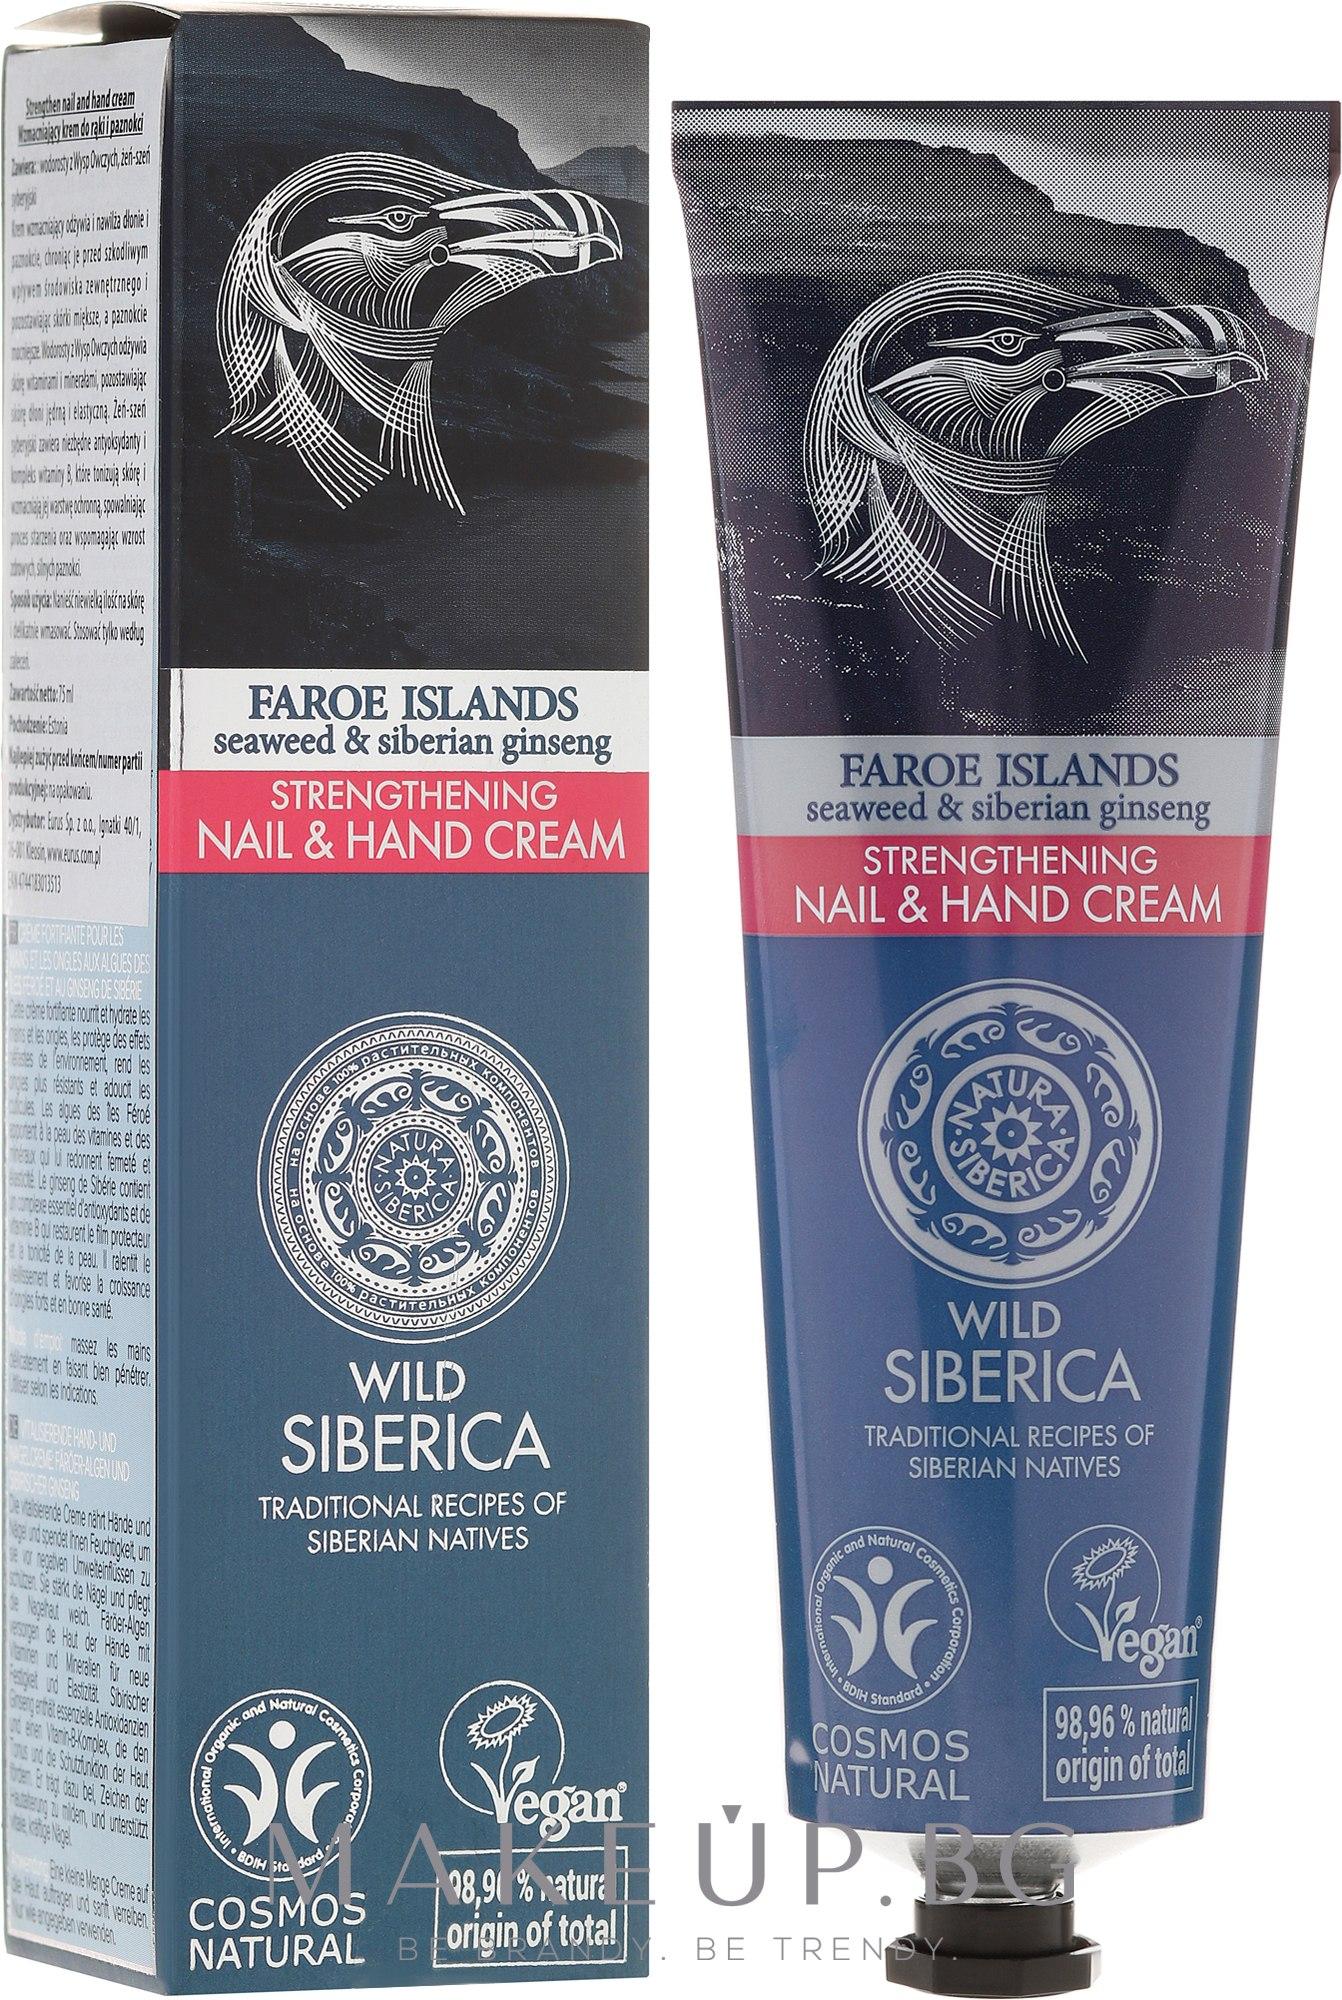 Укрепващ крем за ръце и нокти - Natura Siberica Faroe Islands Strengthening Nail & Hand Cream — снимка 75 ml